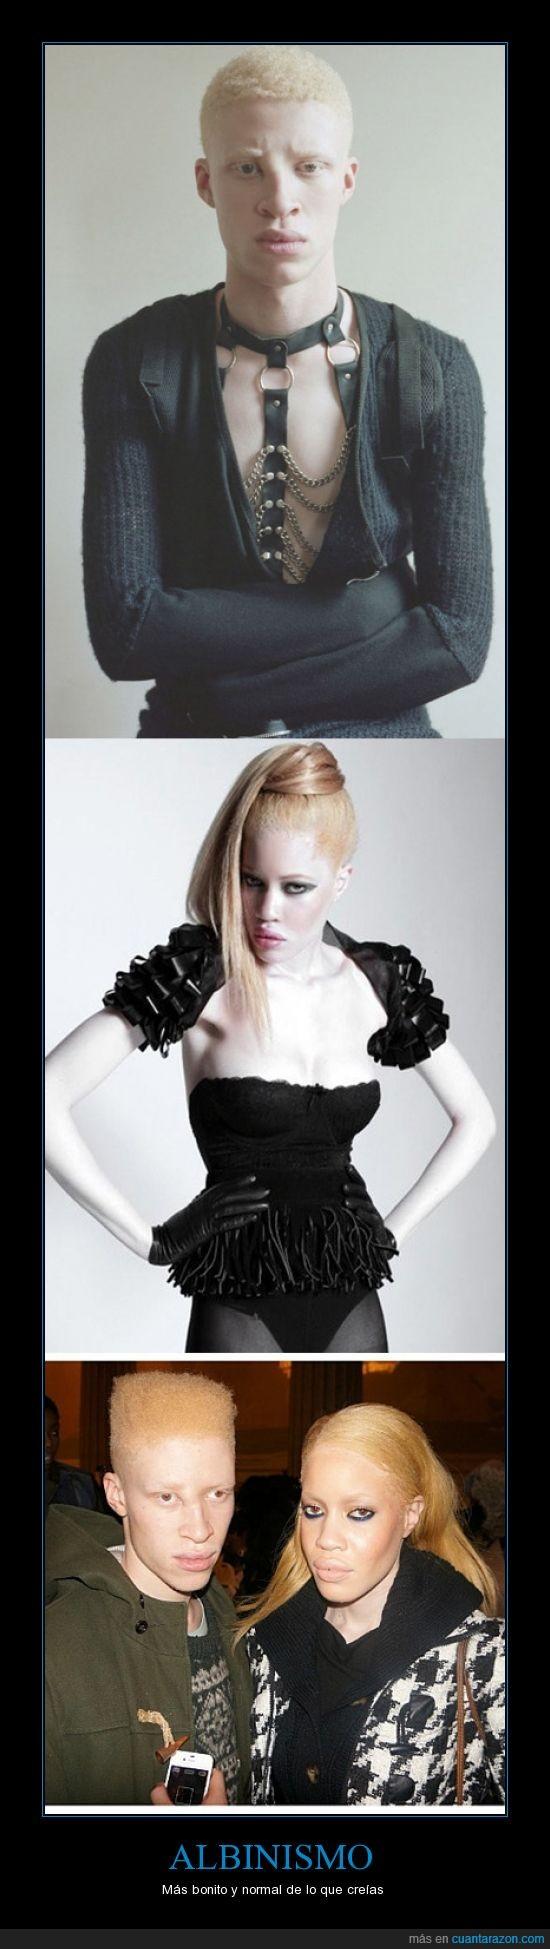 albinismo,albino,belleza,diandra forrest,moda,modelo,pasarelas,shaun ross